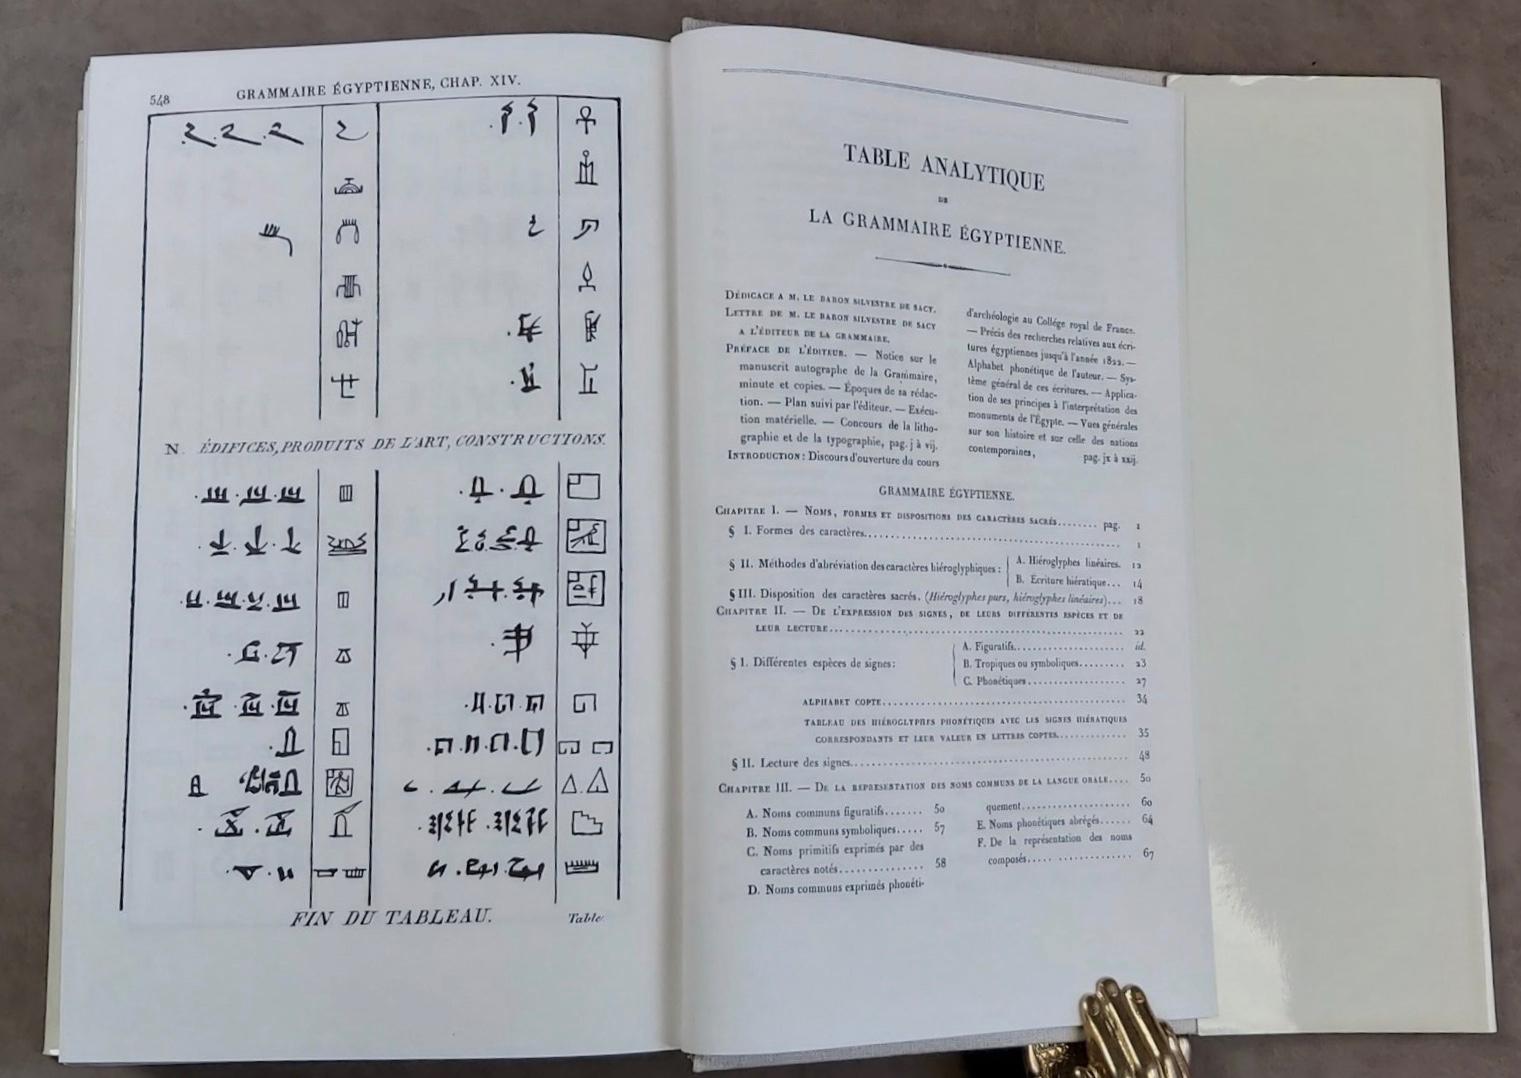 grammaire  u00e9gyptienne  ou principes g u00e9n u00e9raux de l u0026 39  u00e9criture